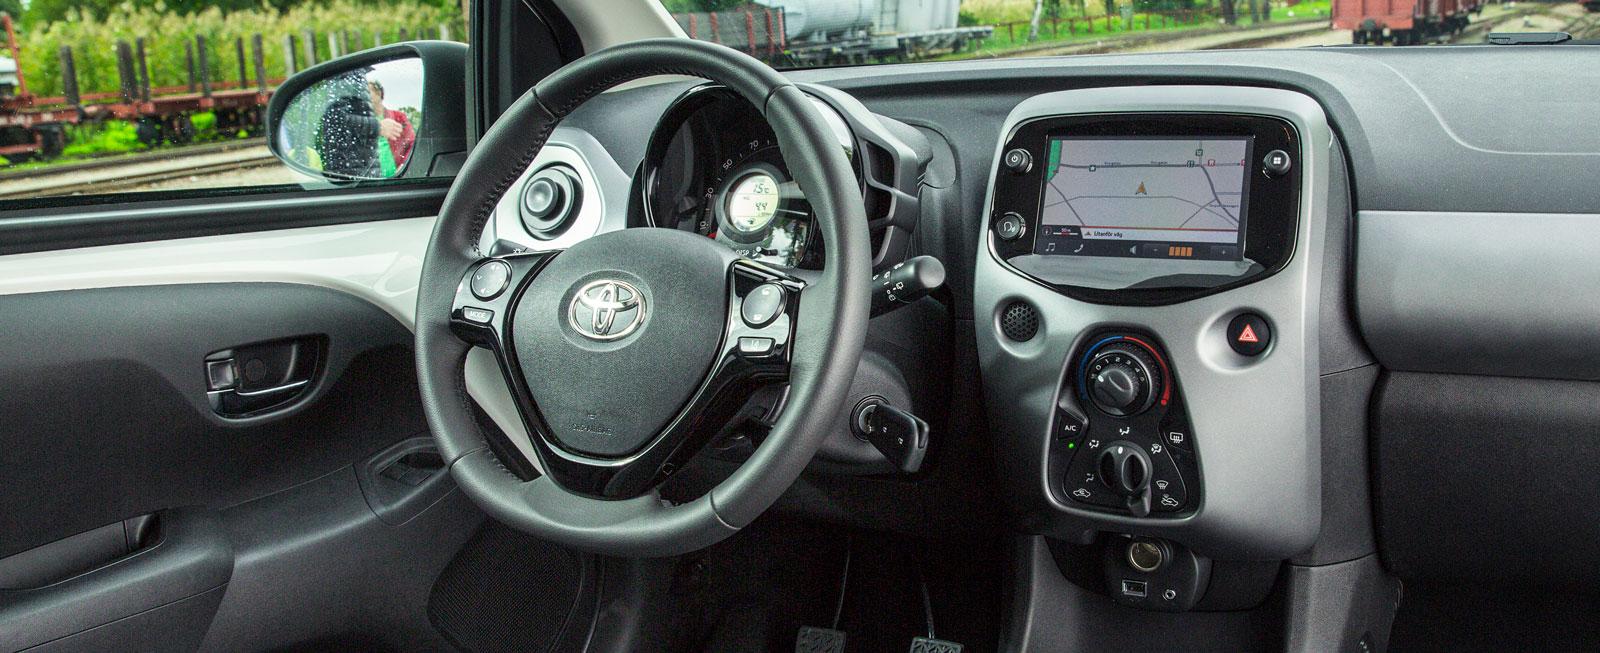 Toyota har försökt pigga upp förarmiljön med en del udda lösningar. Några fungerar bra, andra mindre bra. Förarstolen överraskar dock positivt.